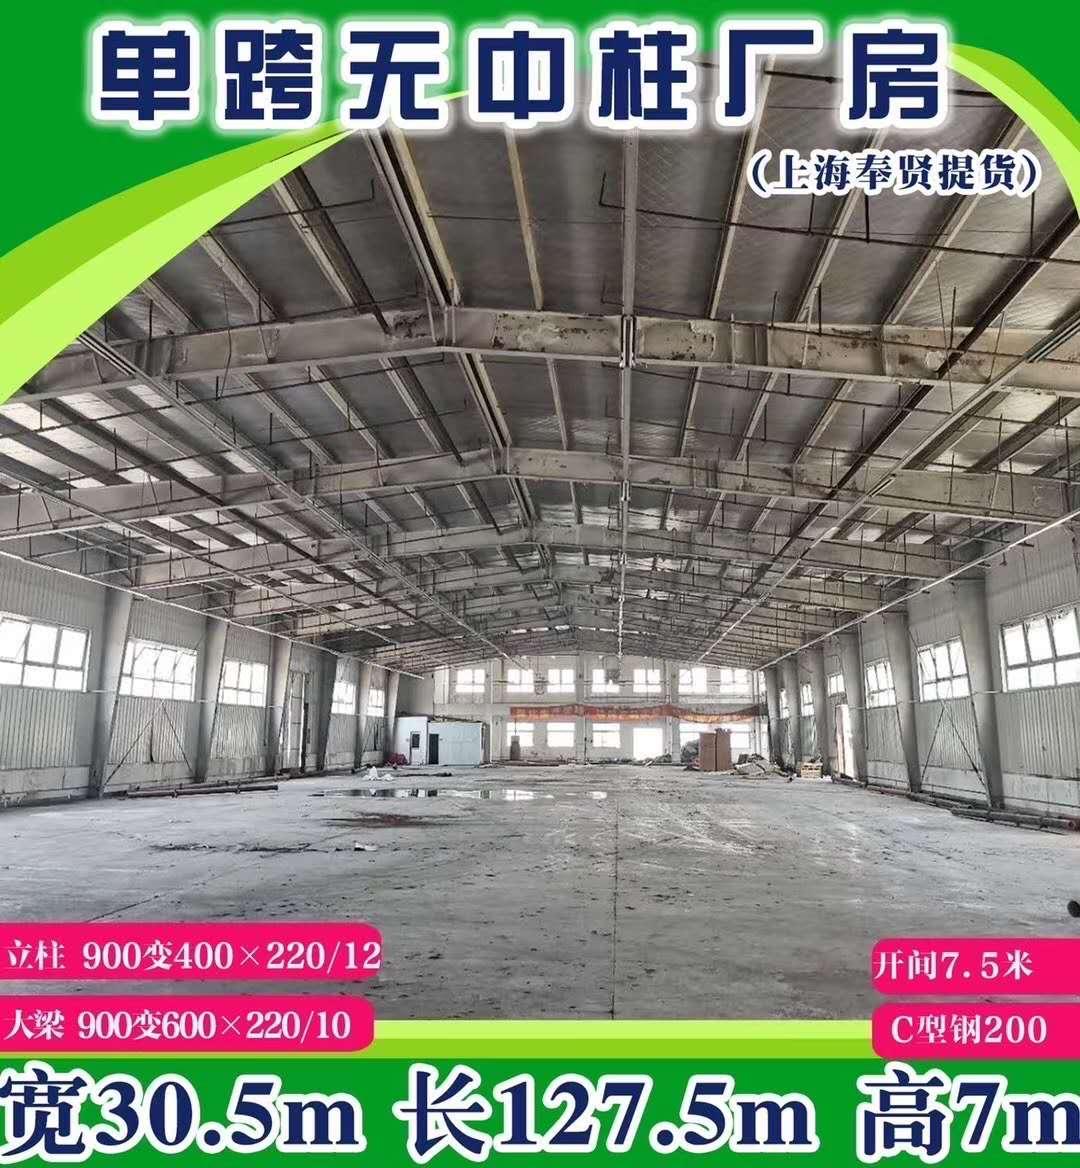 石家庄出售钢结构厂房宽30.5m长 127.5m高 7